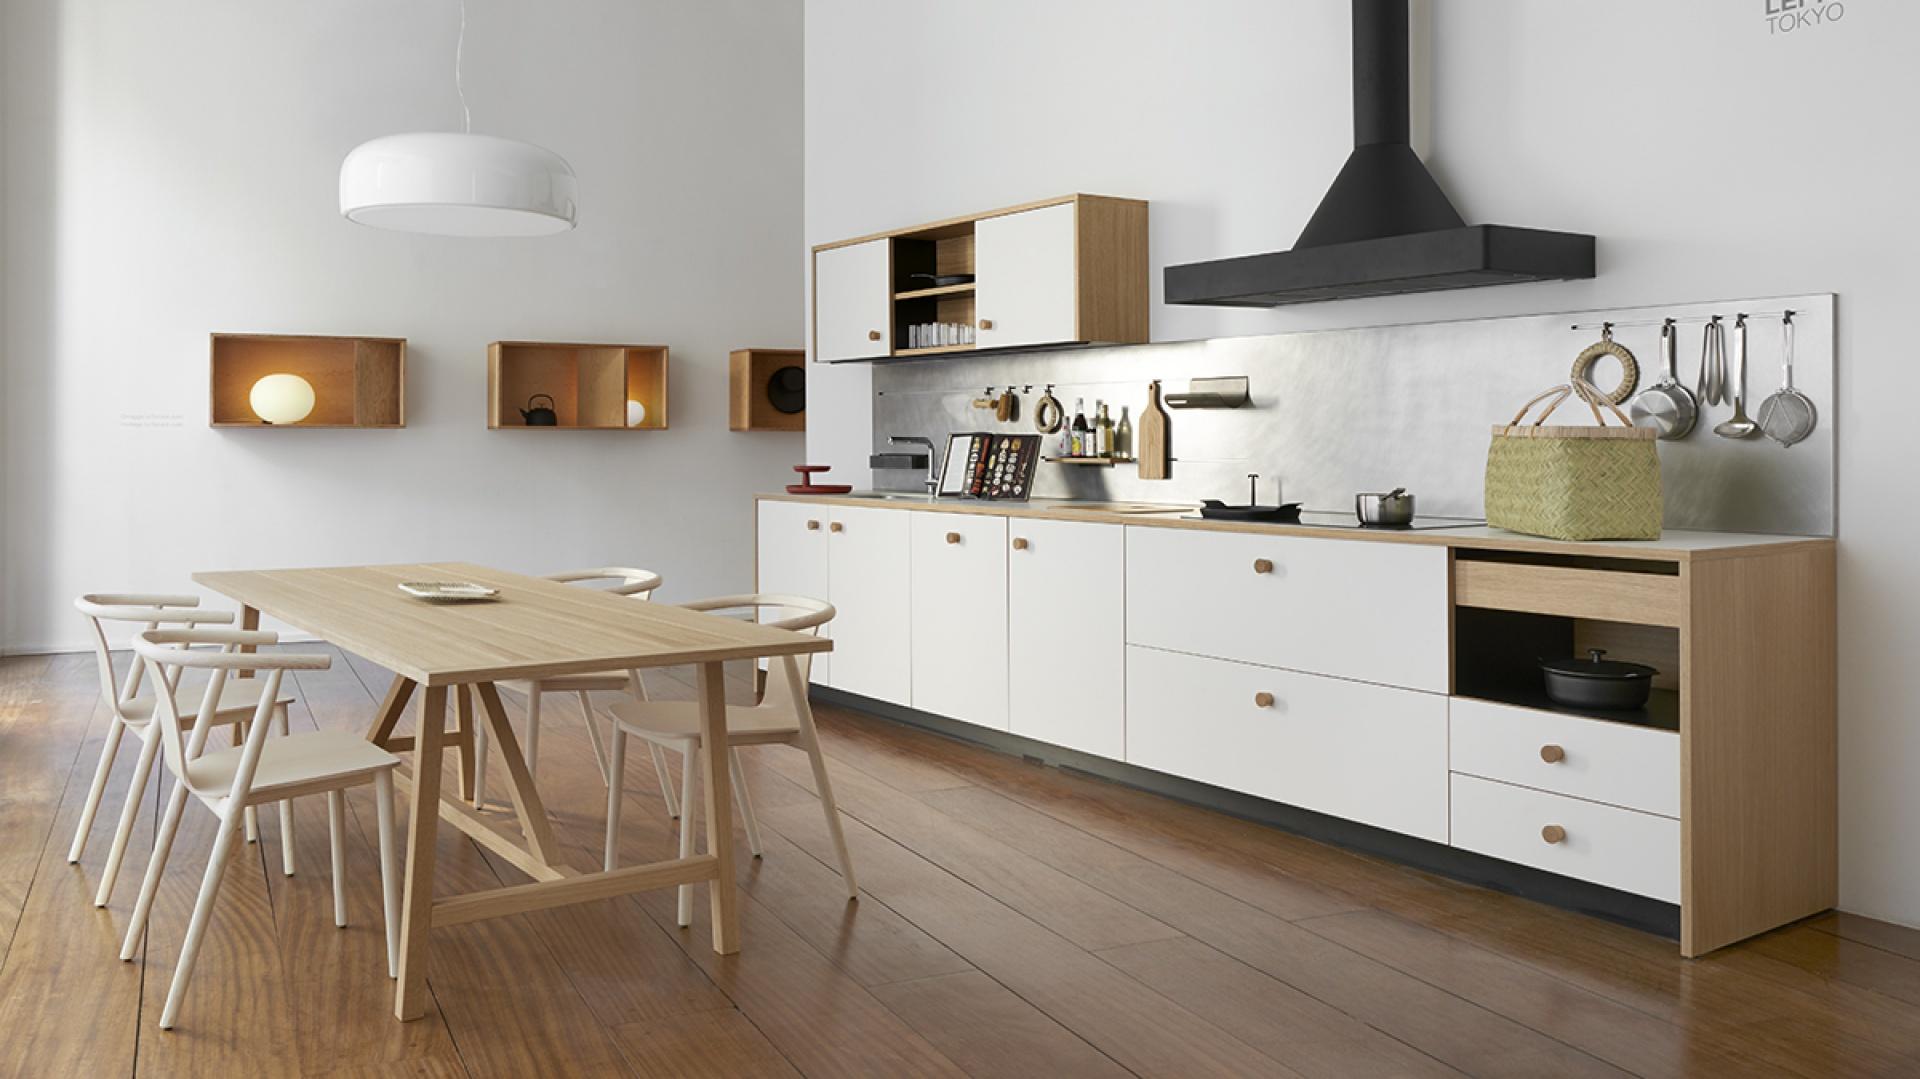 Kuchnia Schiffini Lepic, projekt: Jasper Morrison. Fot. Schiffini